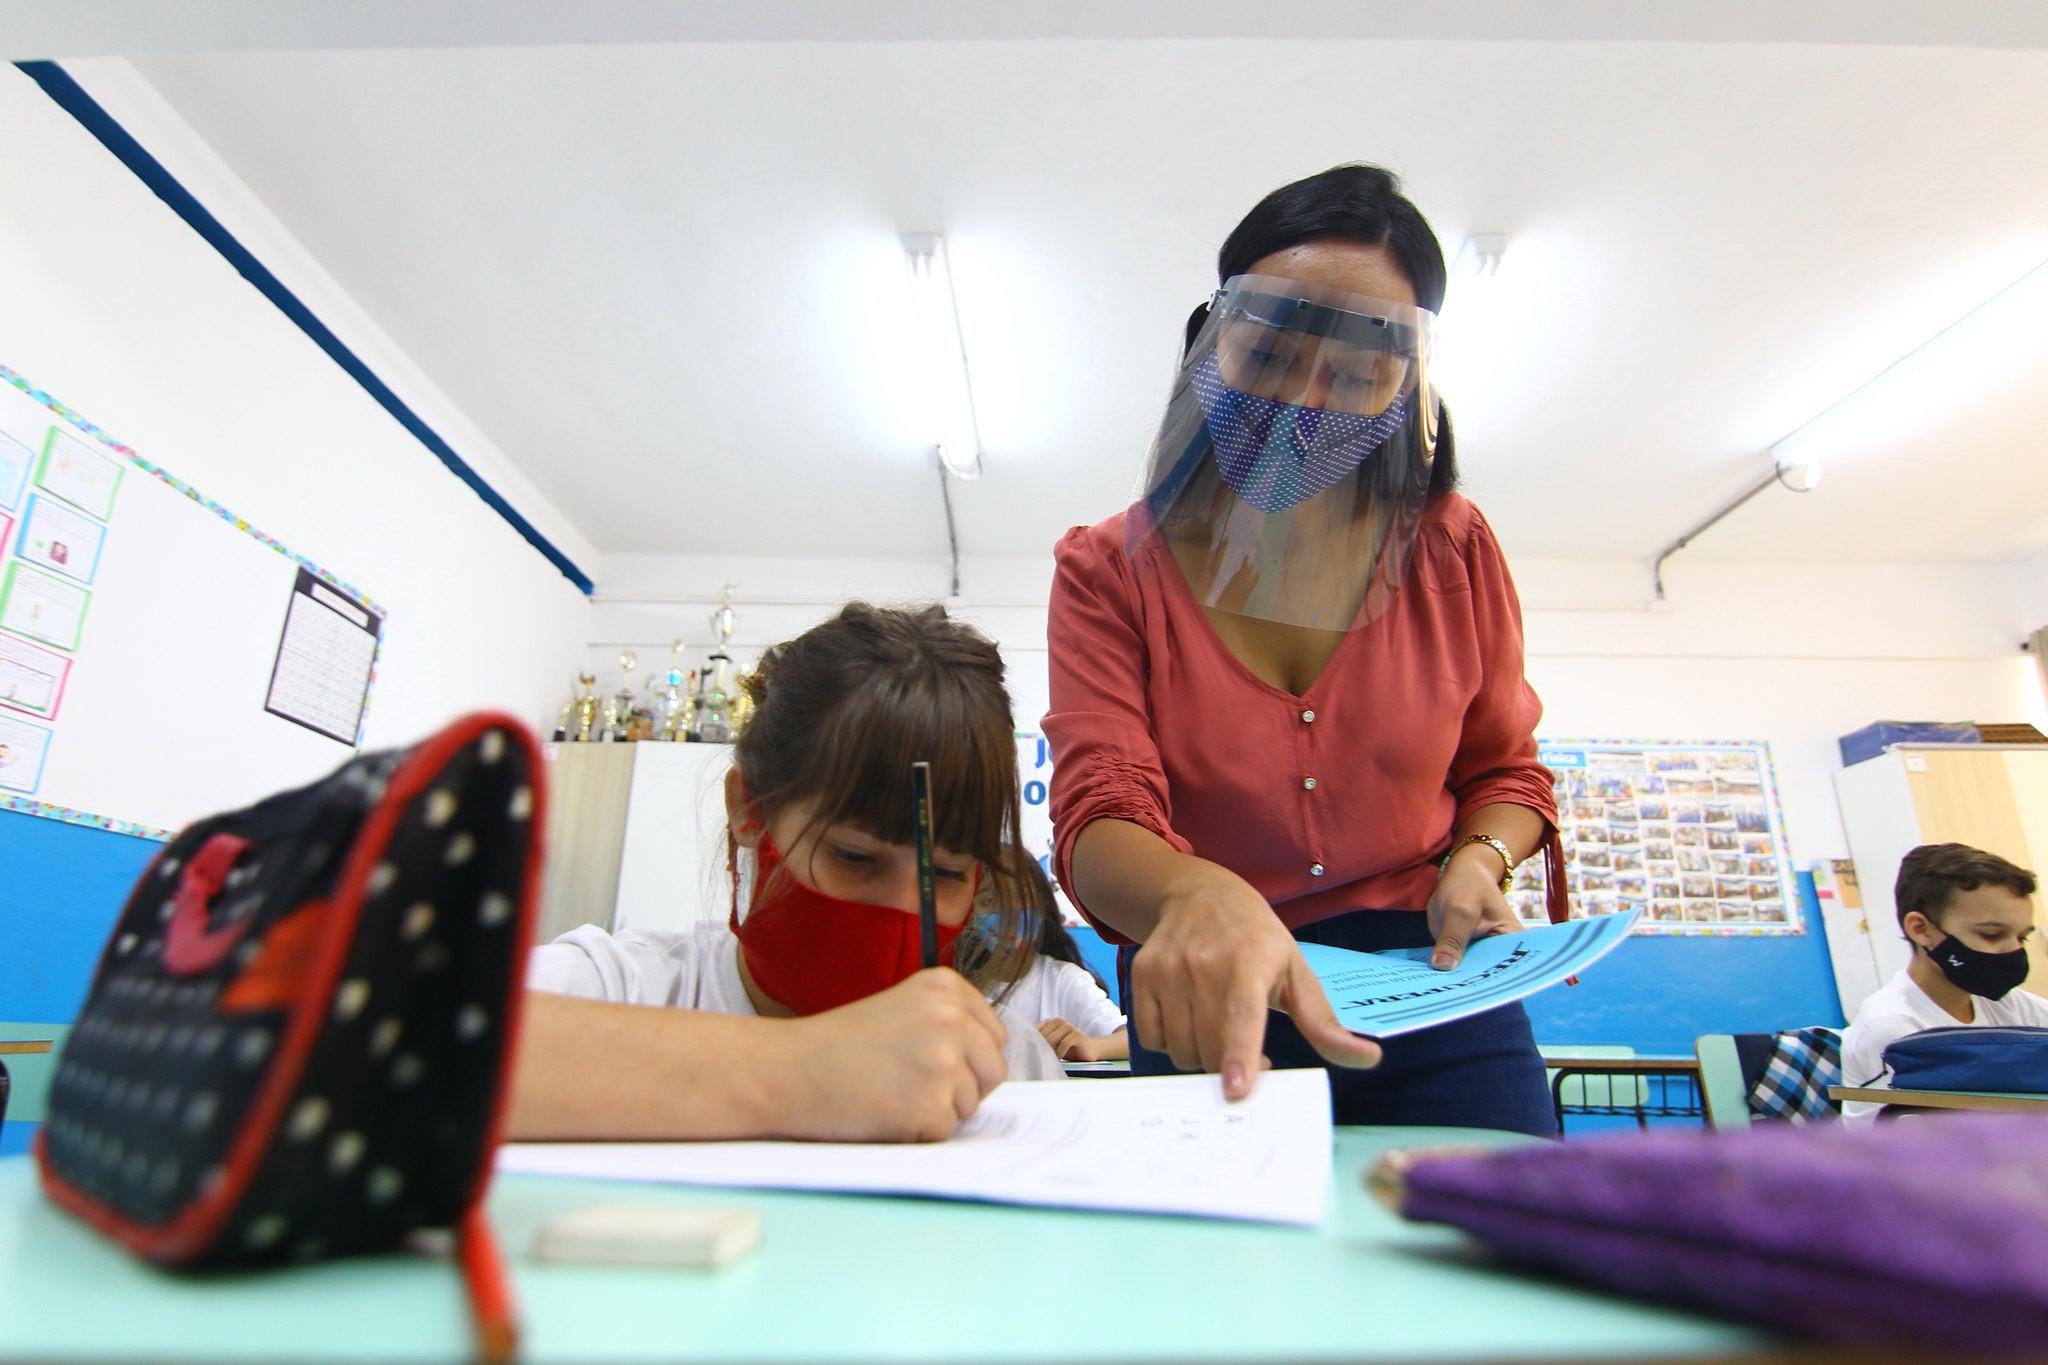 Covid-19: Prefeitura de Juiz de Fora divulga protocolo sanitário para retomada do ensino presencial